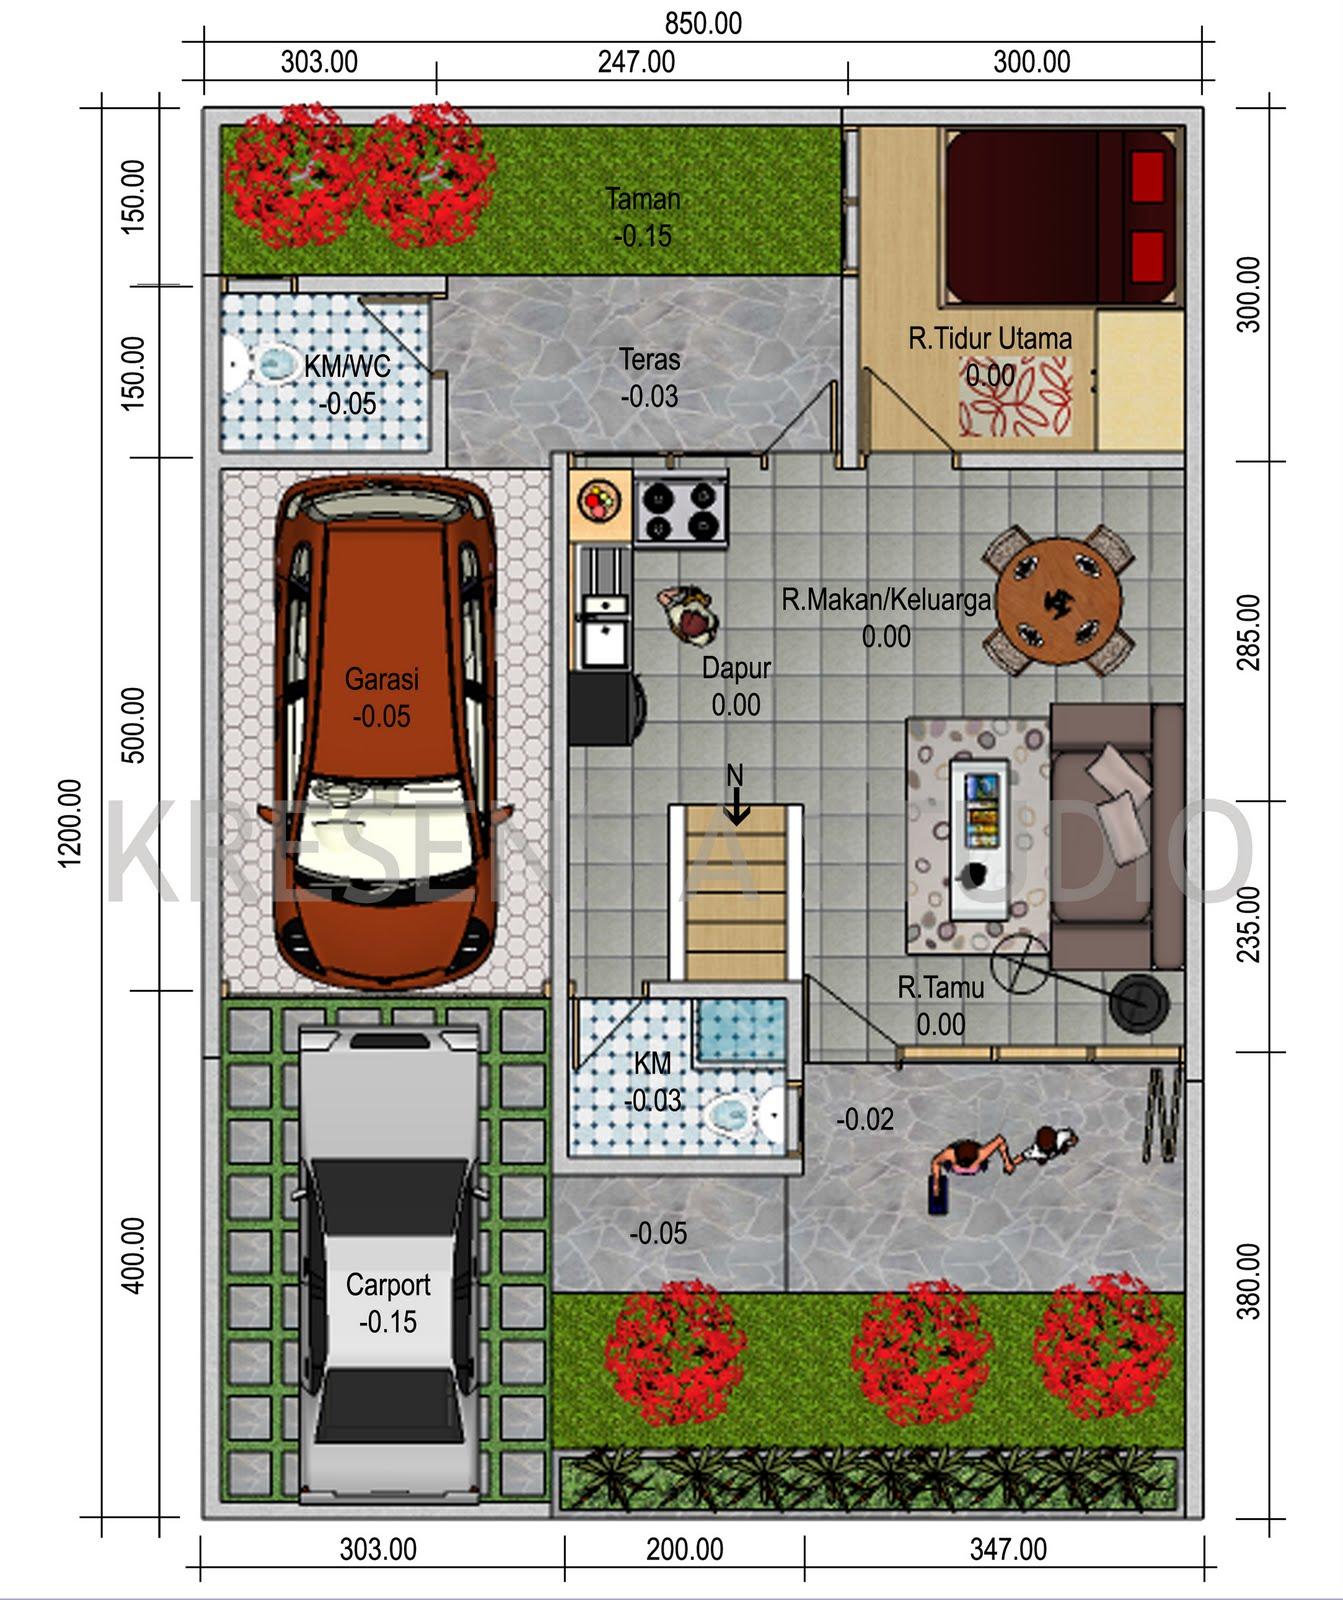 62 Desain Rumah Minimalis Dengan 3 Kamar Tidur